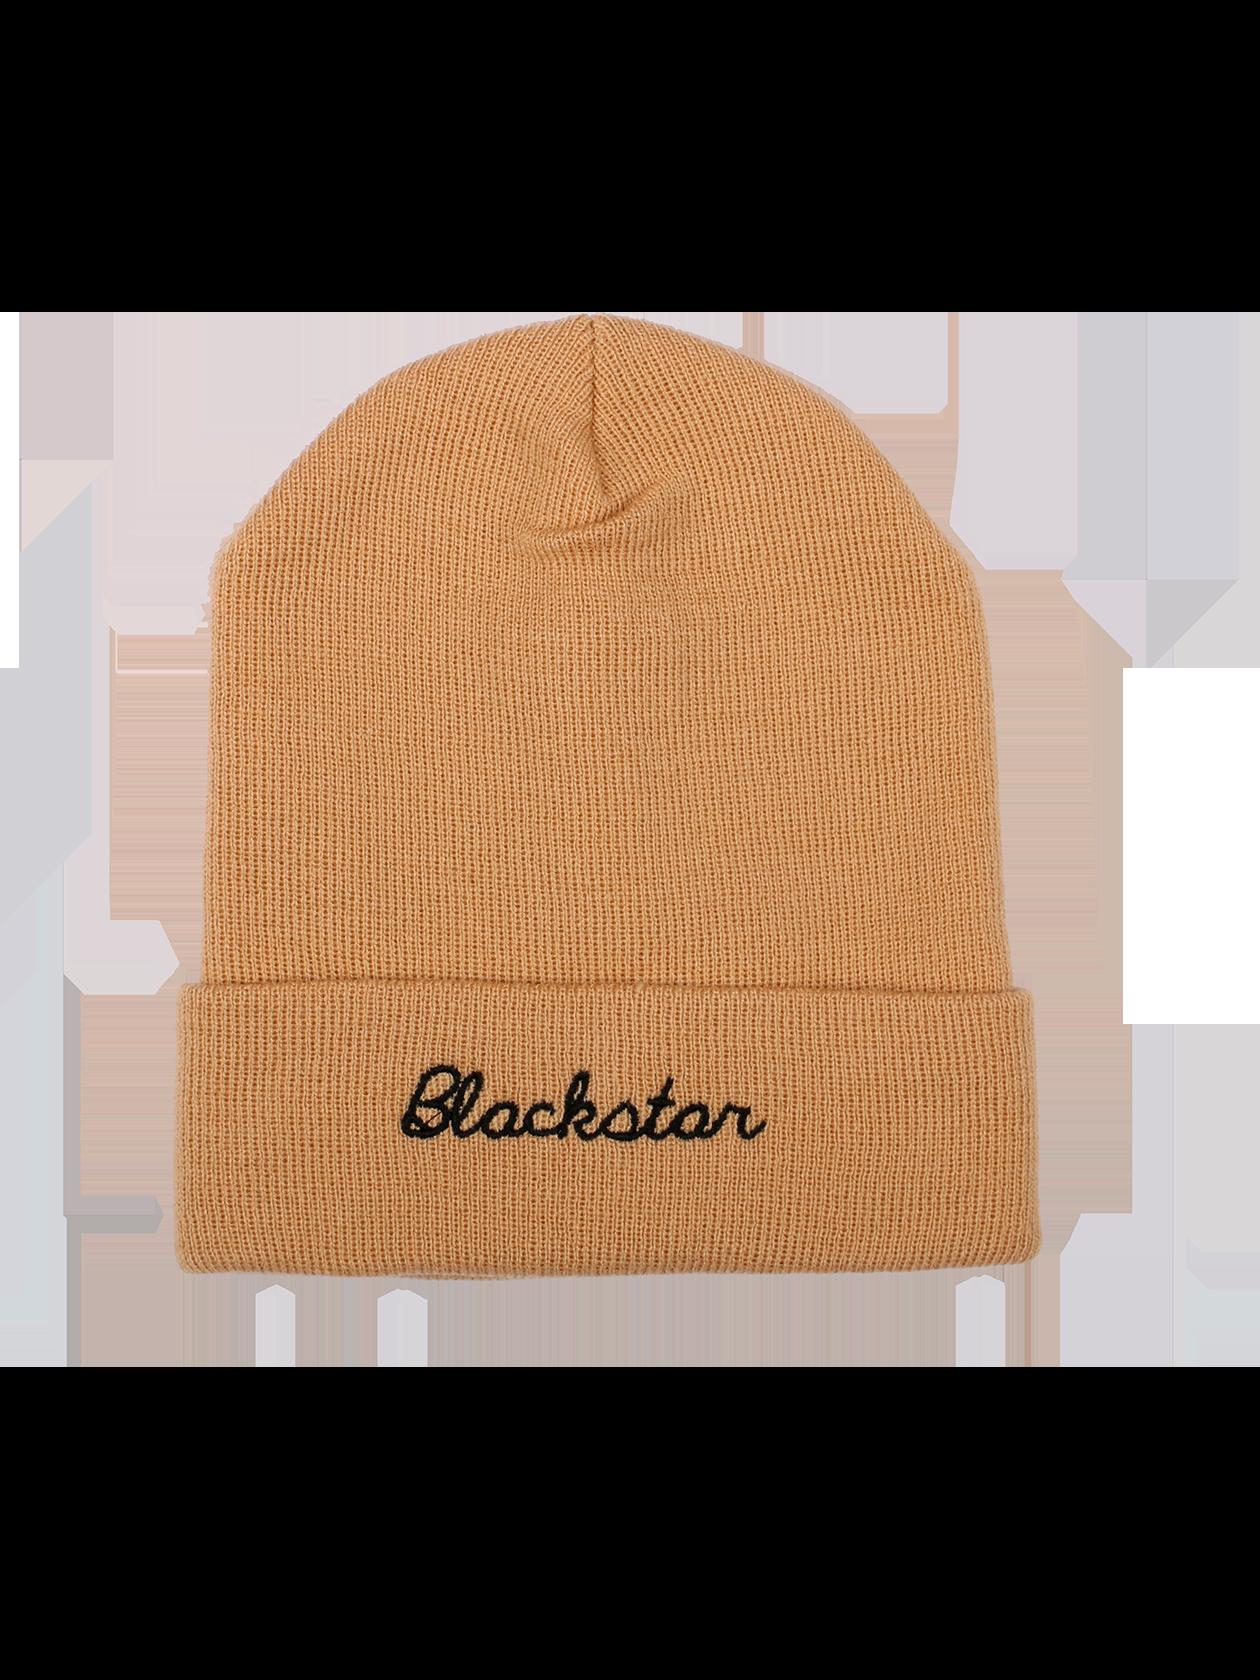 Шапка унисекс Pastel BSДемисезонная шапка унисекс Black Star Wear. Модель с подворотом и контрастной вышивкой Blackstar. Изделие из 100% акрила. Доступно в розовом, белом и бежевом цветах.<br><br>Размер: Единый размер<br>Цвет: Бежевый<br>Пол: Унисекс